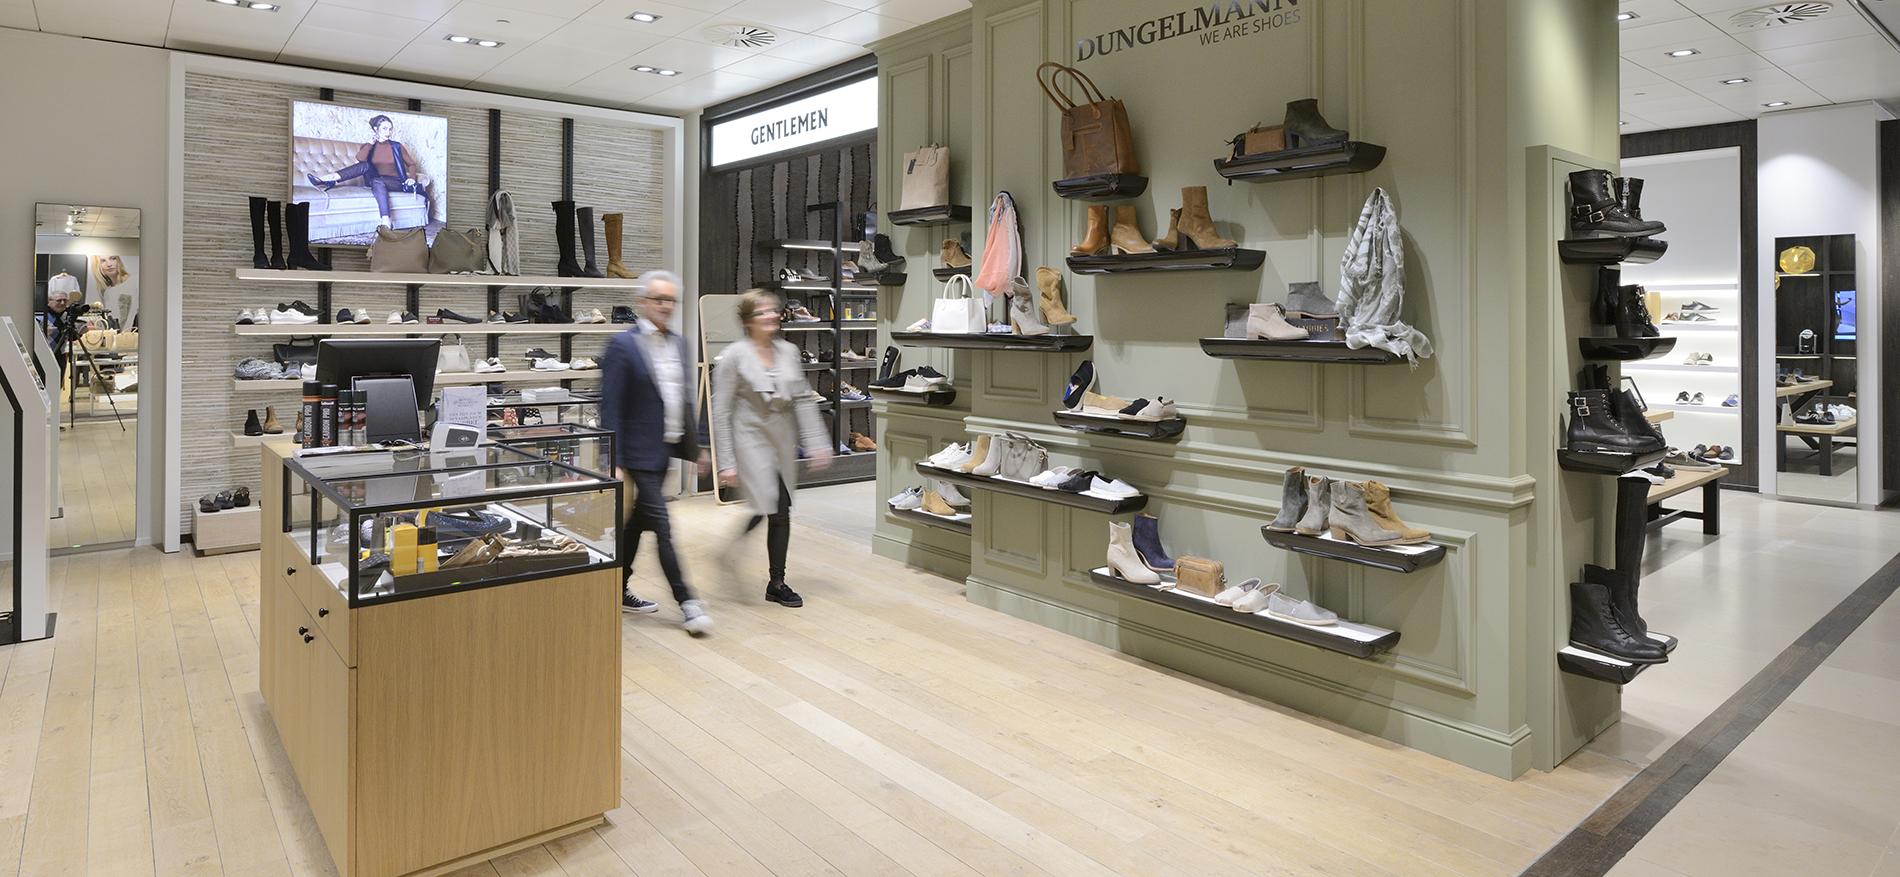 Shop in shop einrichtung dungelmann schoenen und berden mode for Einrichtung shop